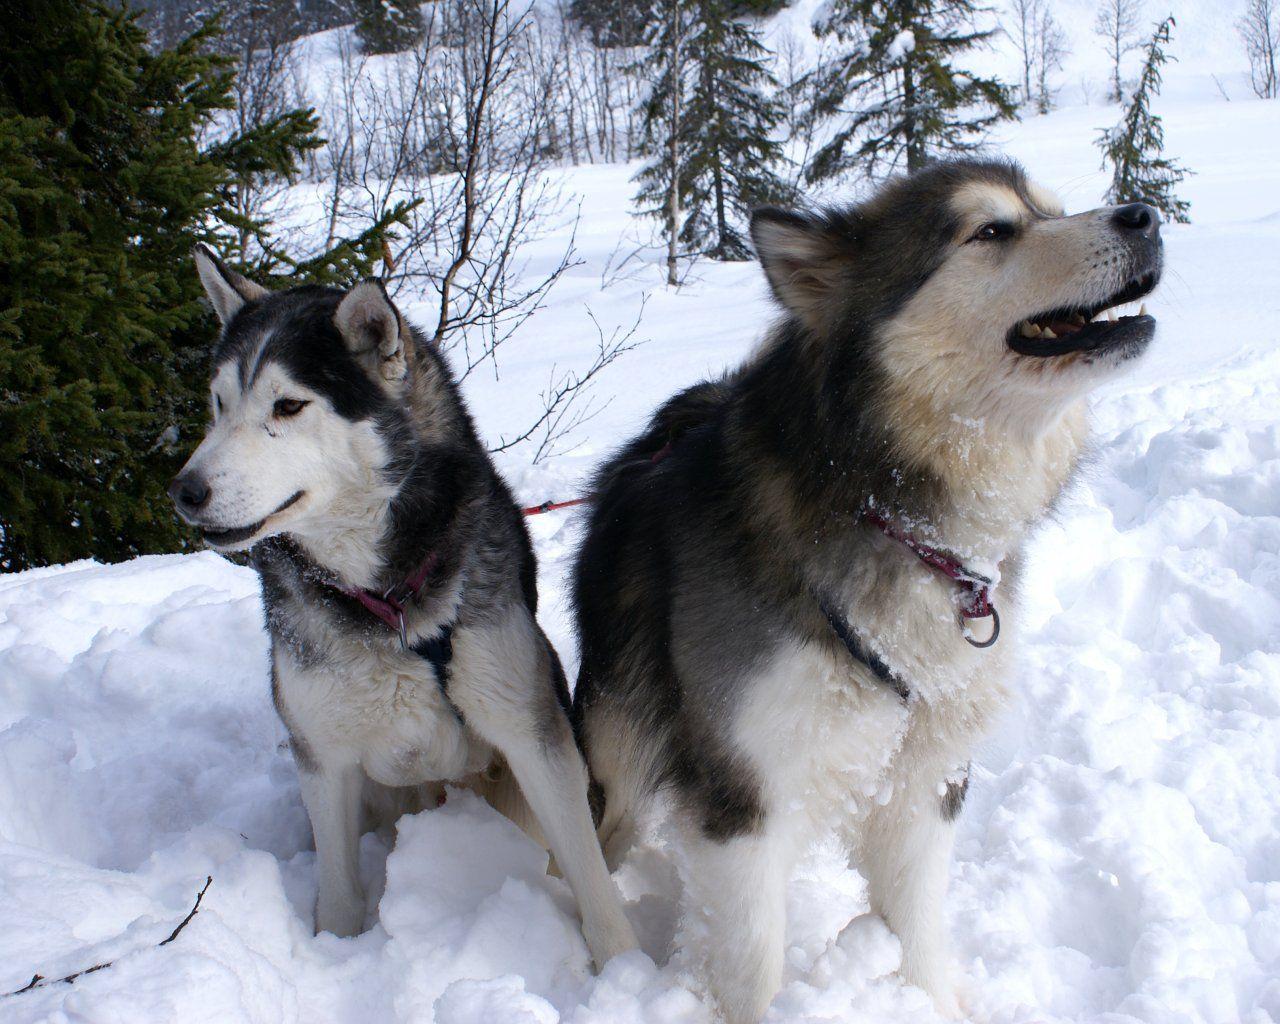 Alaskan Malamute Dog Photo Alaskan Malamute Wallpapers Pictures